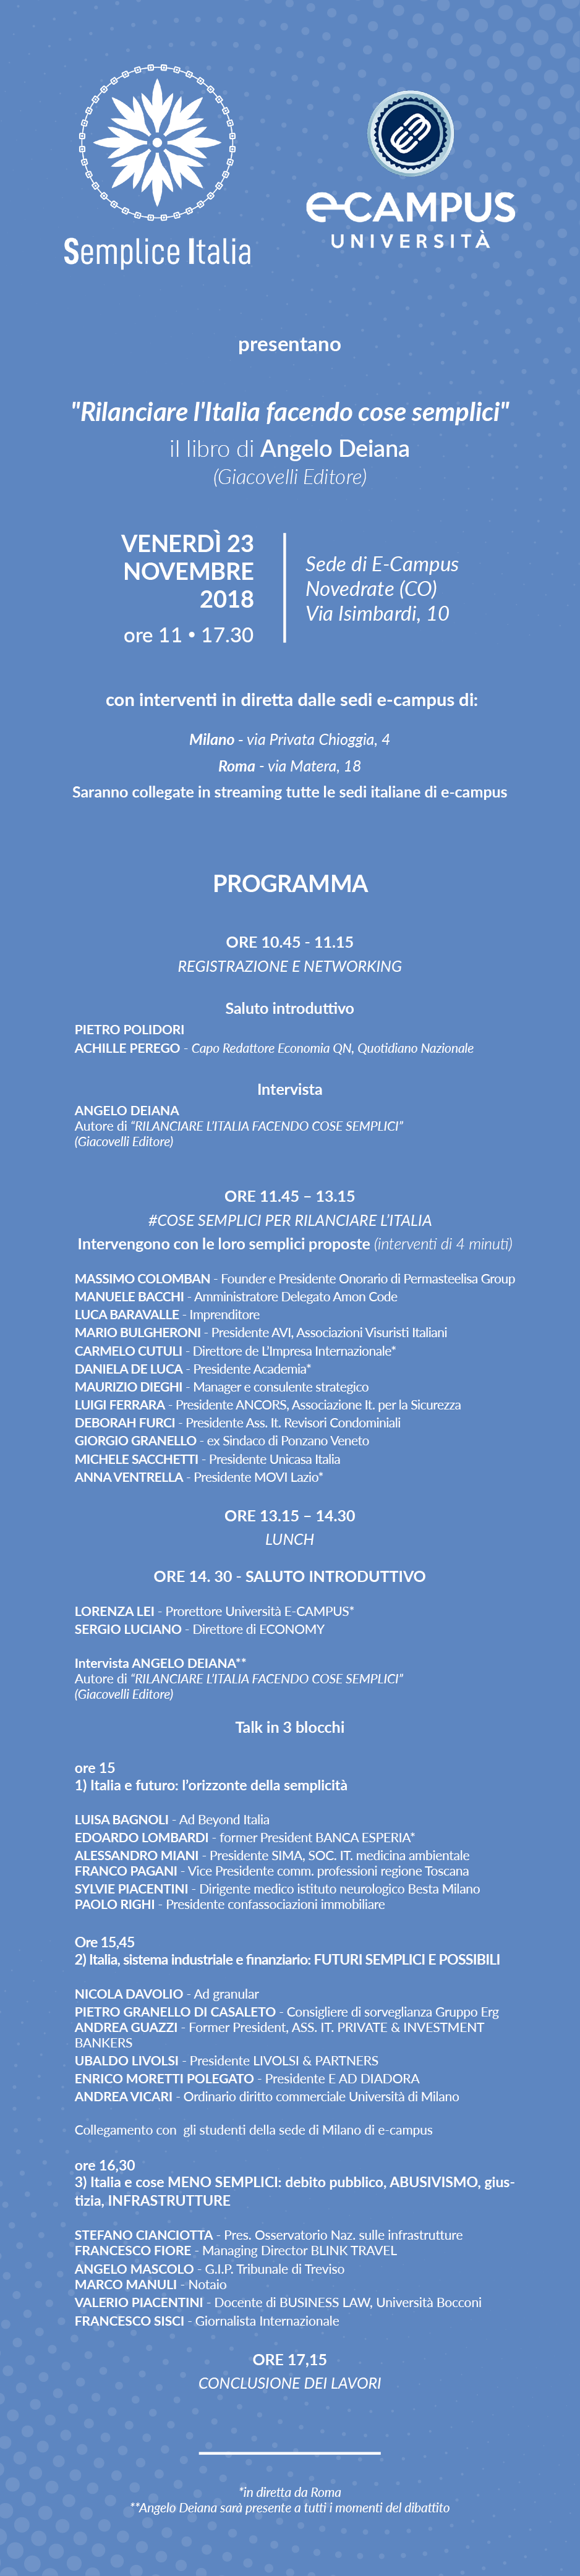 Semplice_Italia_savethedate_solo_programma-1